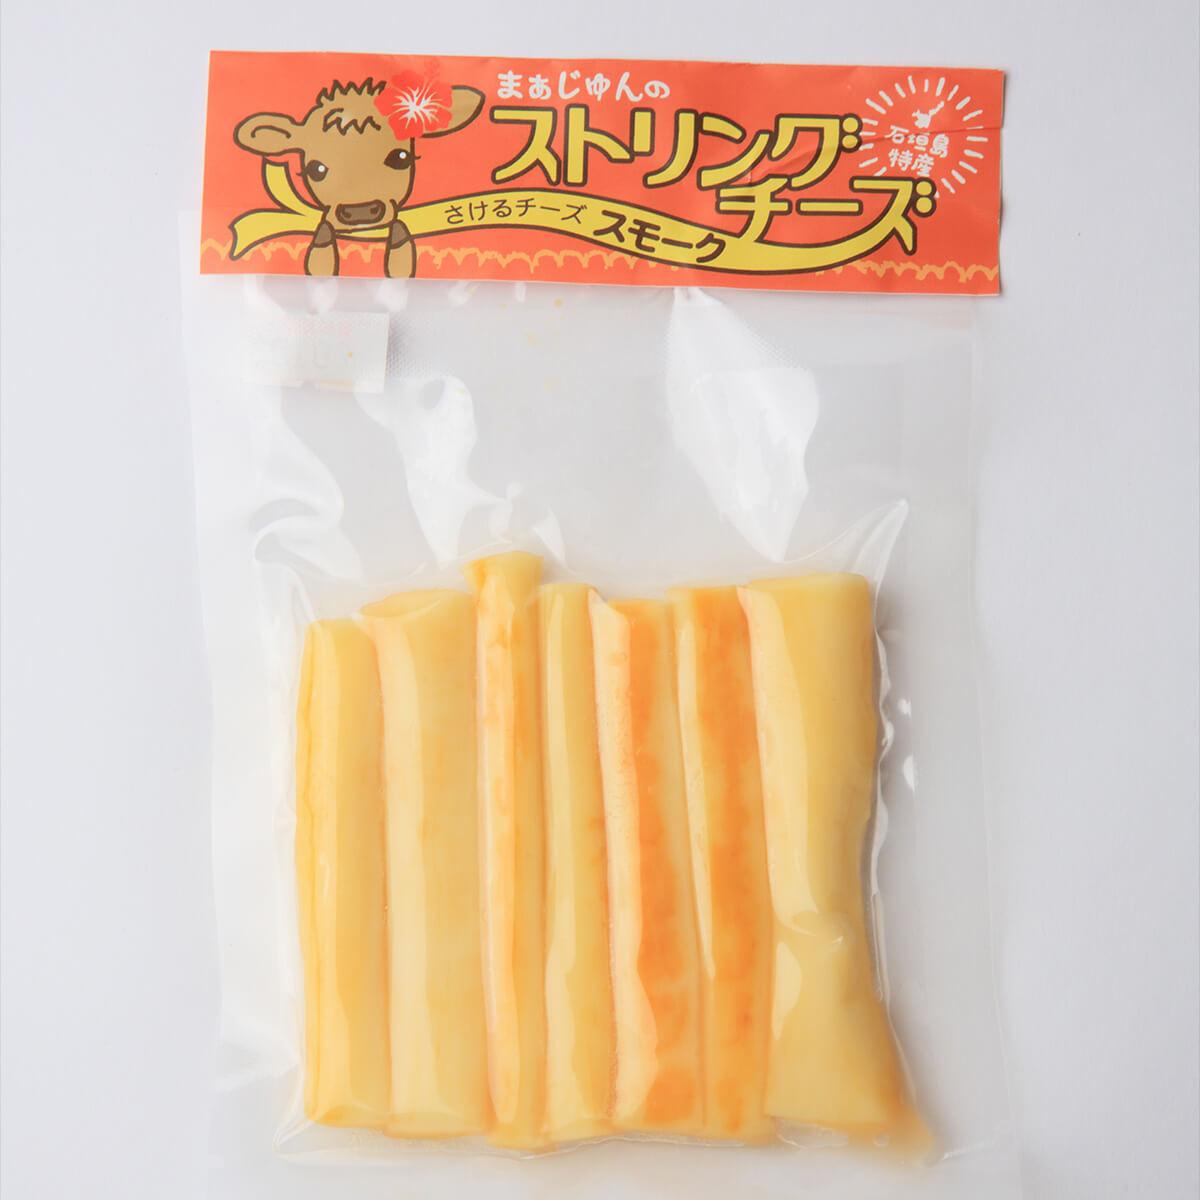 ストリングチーズ(スモーク)